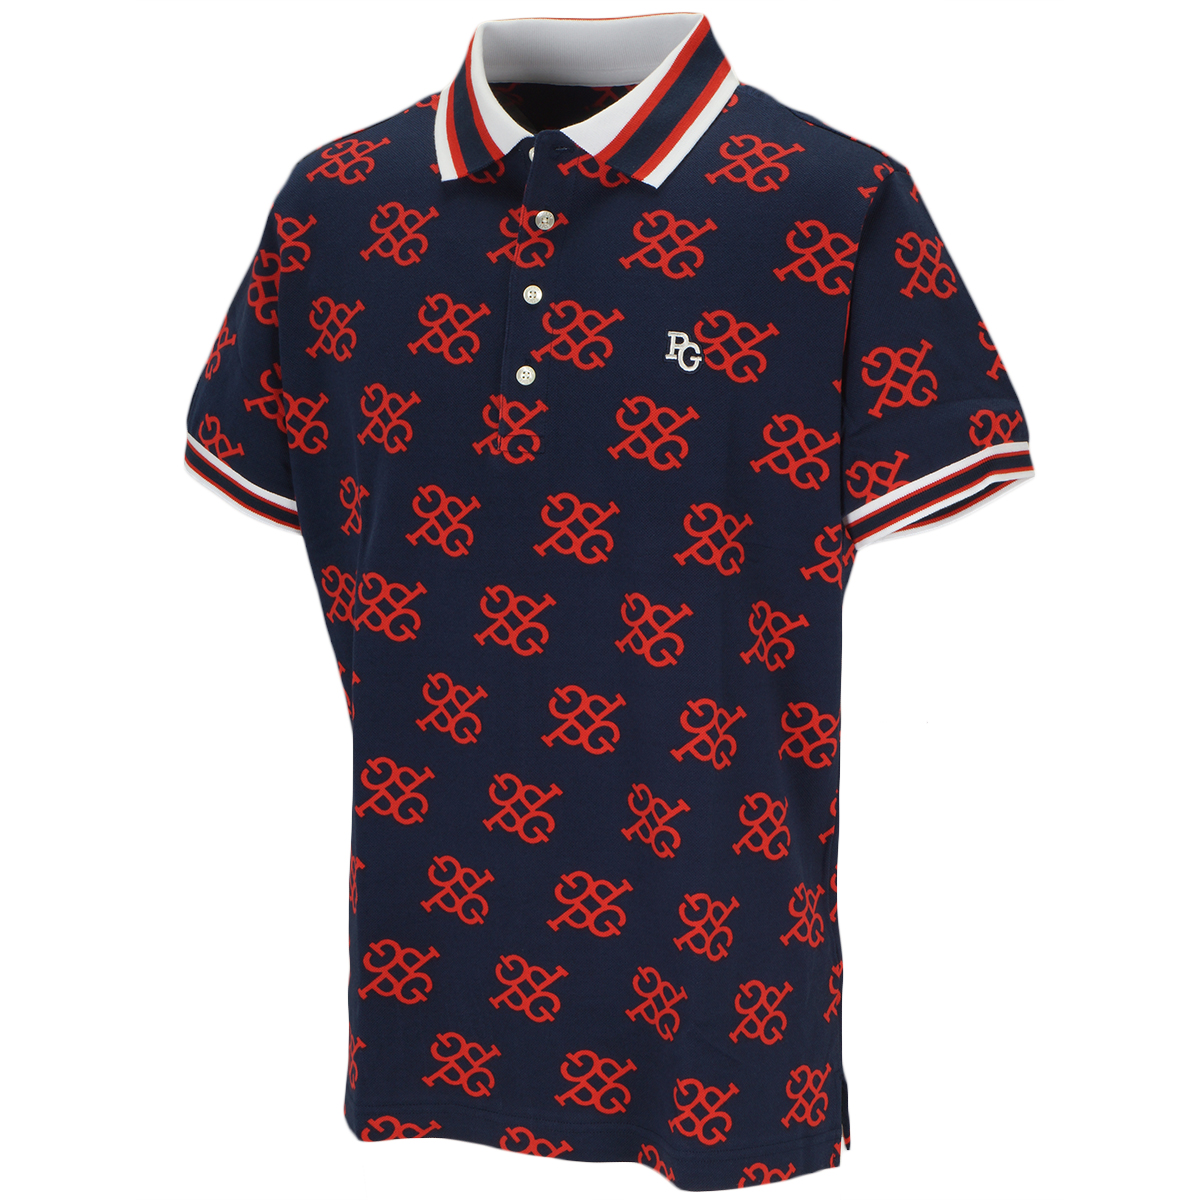 スーピマ鹿の子 モノグラム 半袖ポロシャツ